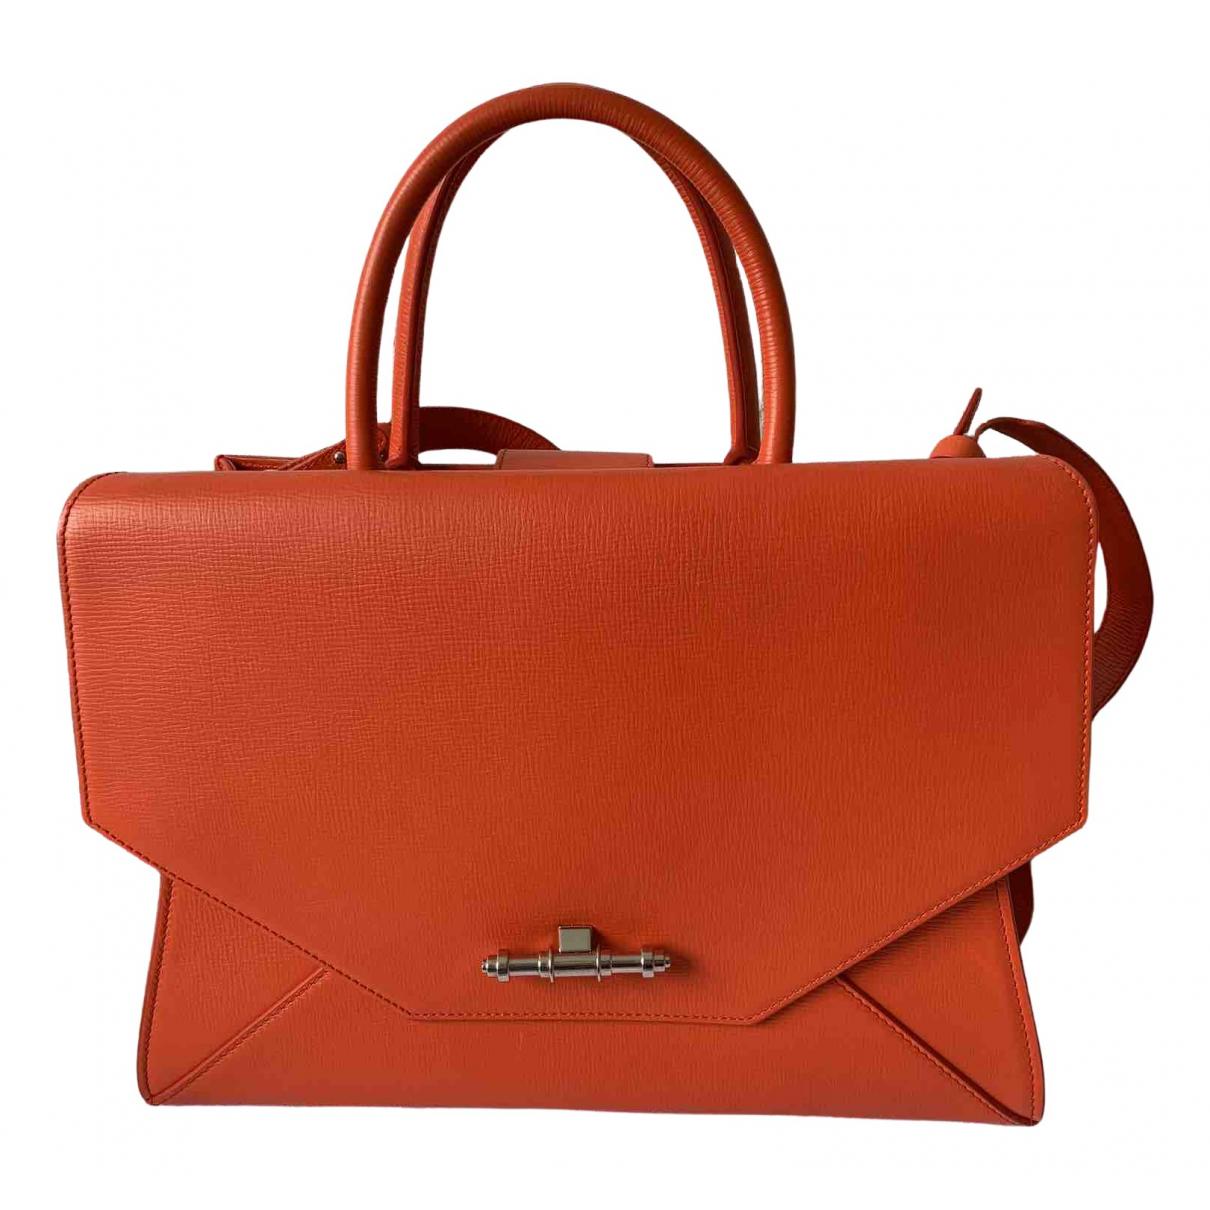 Bandolera Obsedia Tote de Cuero Givenchy